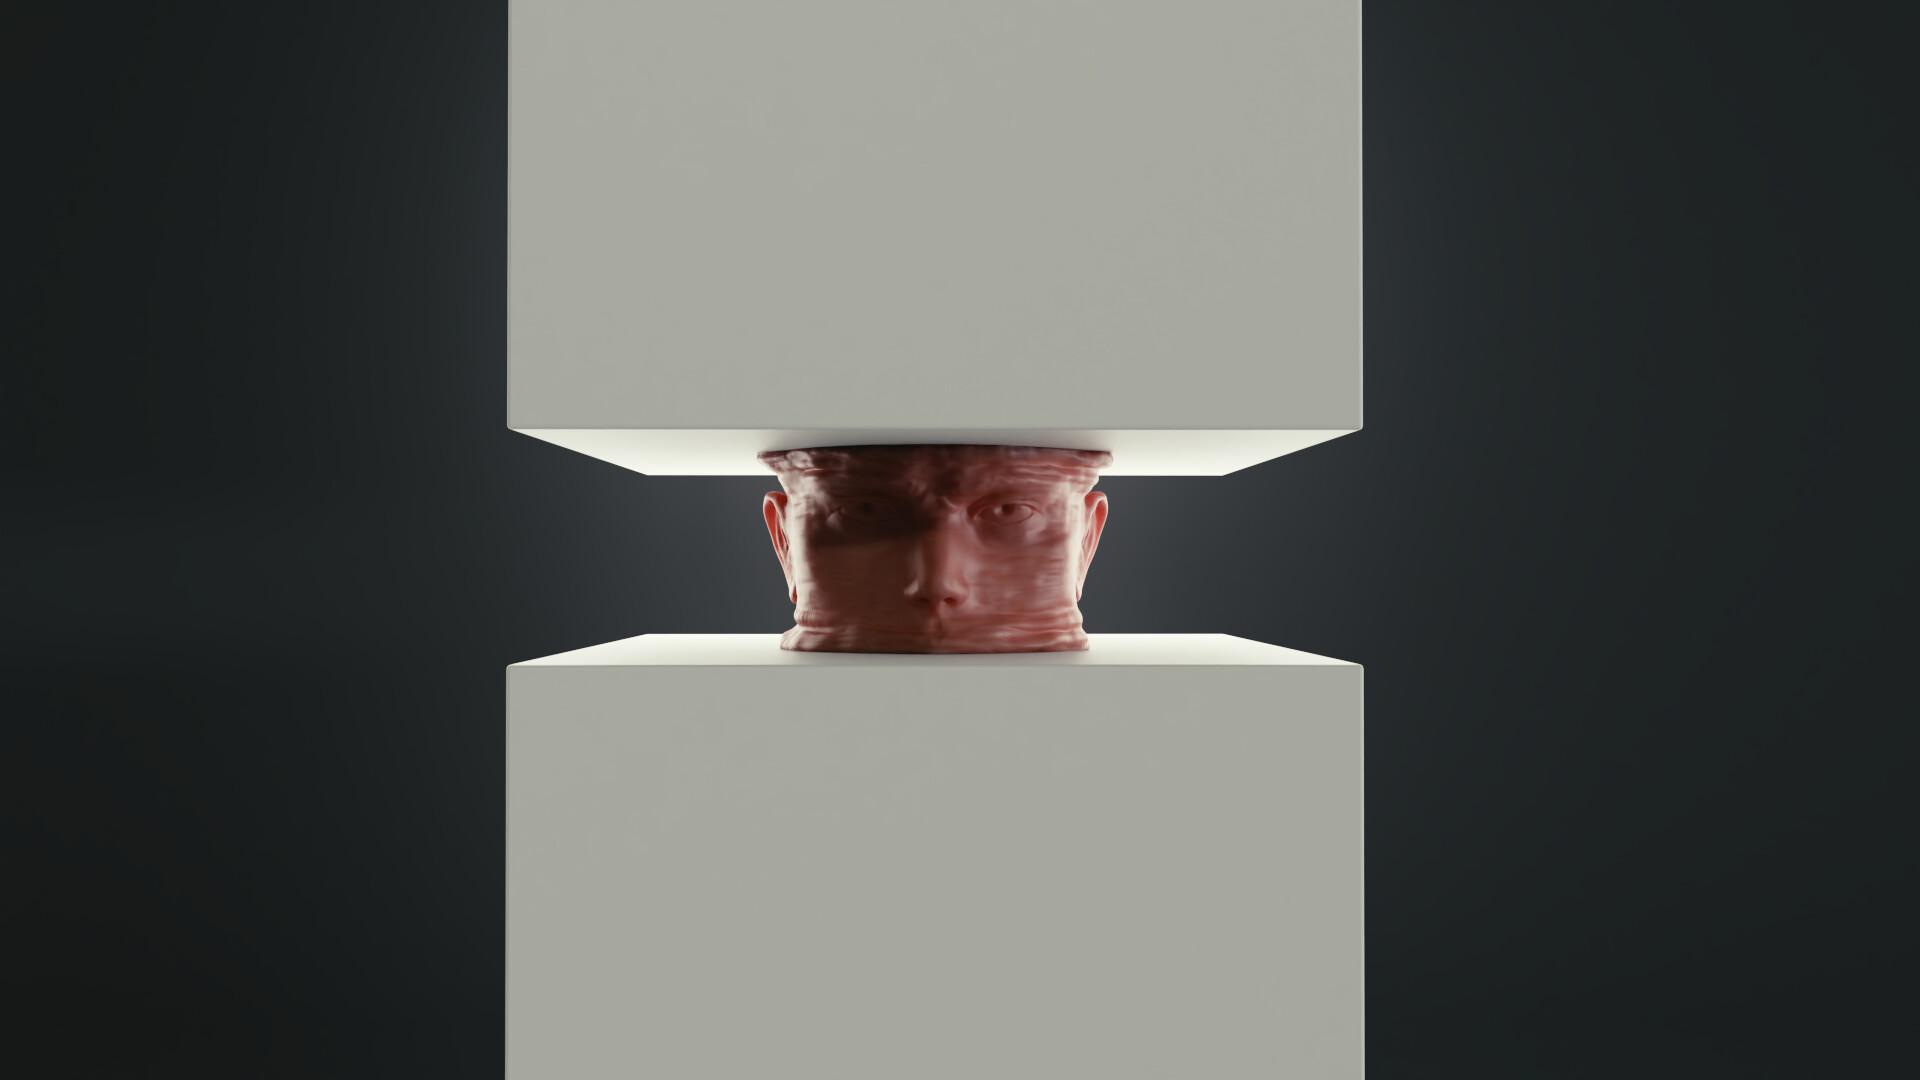 Michael wu 21 pressure rendering